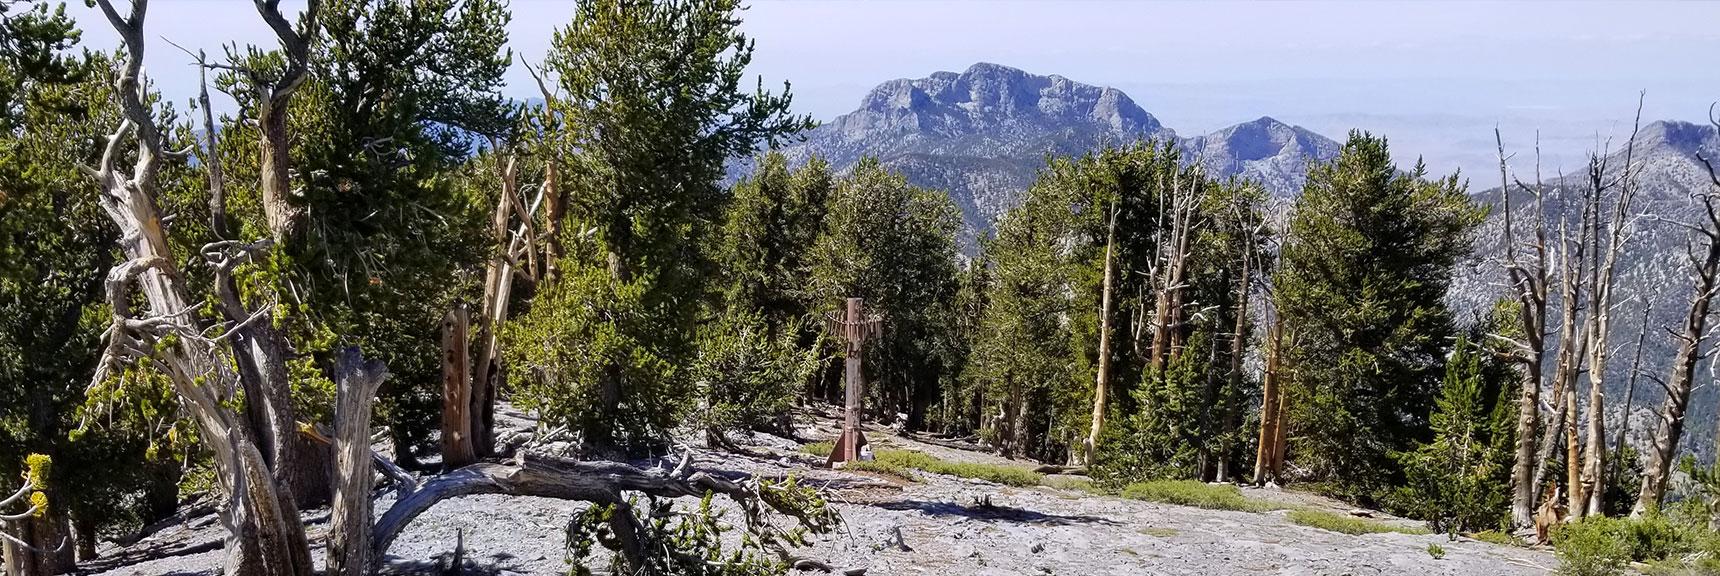 Abandoned Ski Tower Below Lee Peak Marks Left Turn to Rejoin Upper North Loop Trail in Mt Charleston Wilderness, Nevada